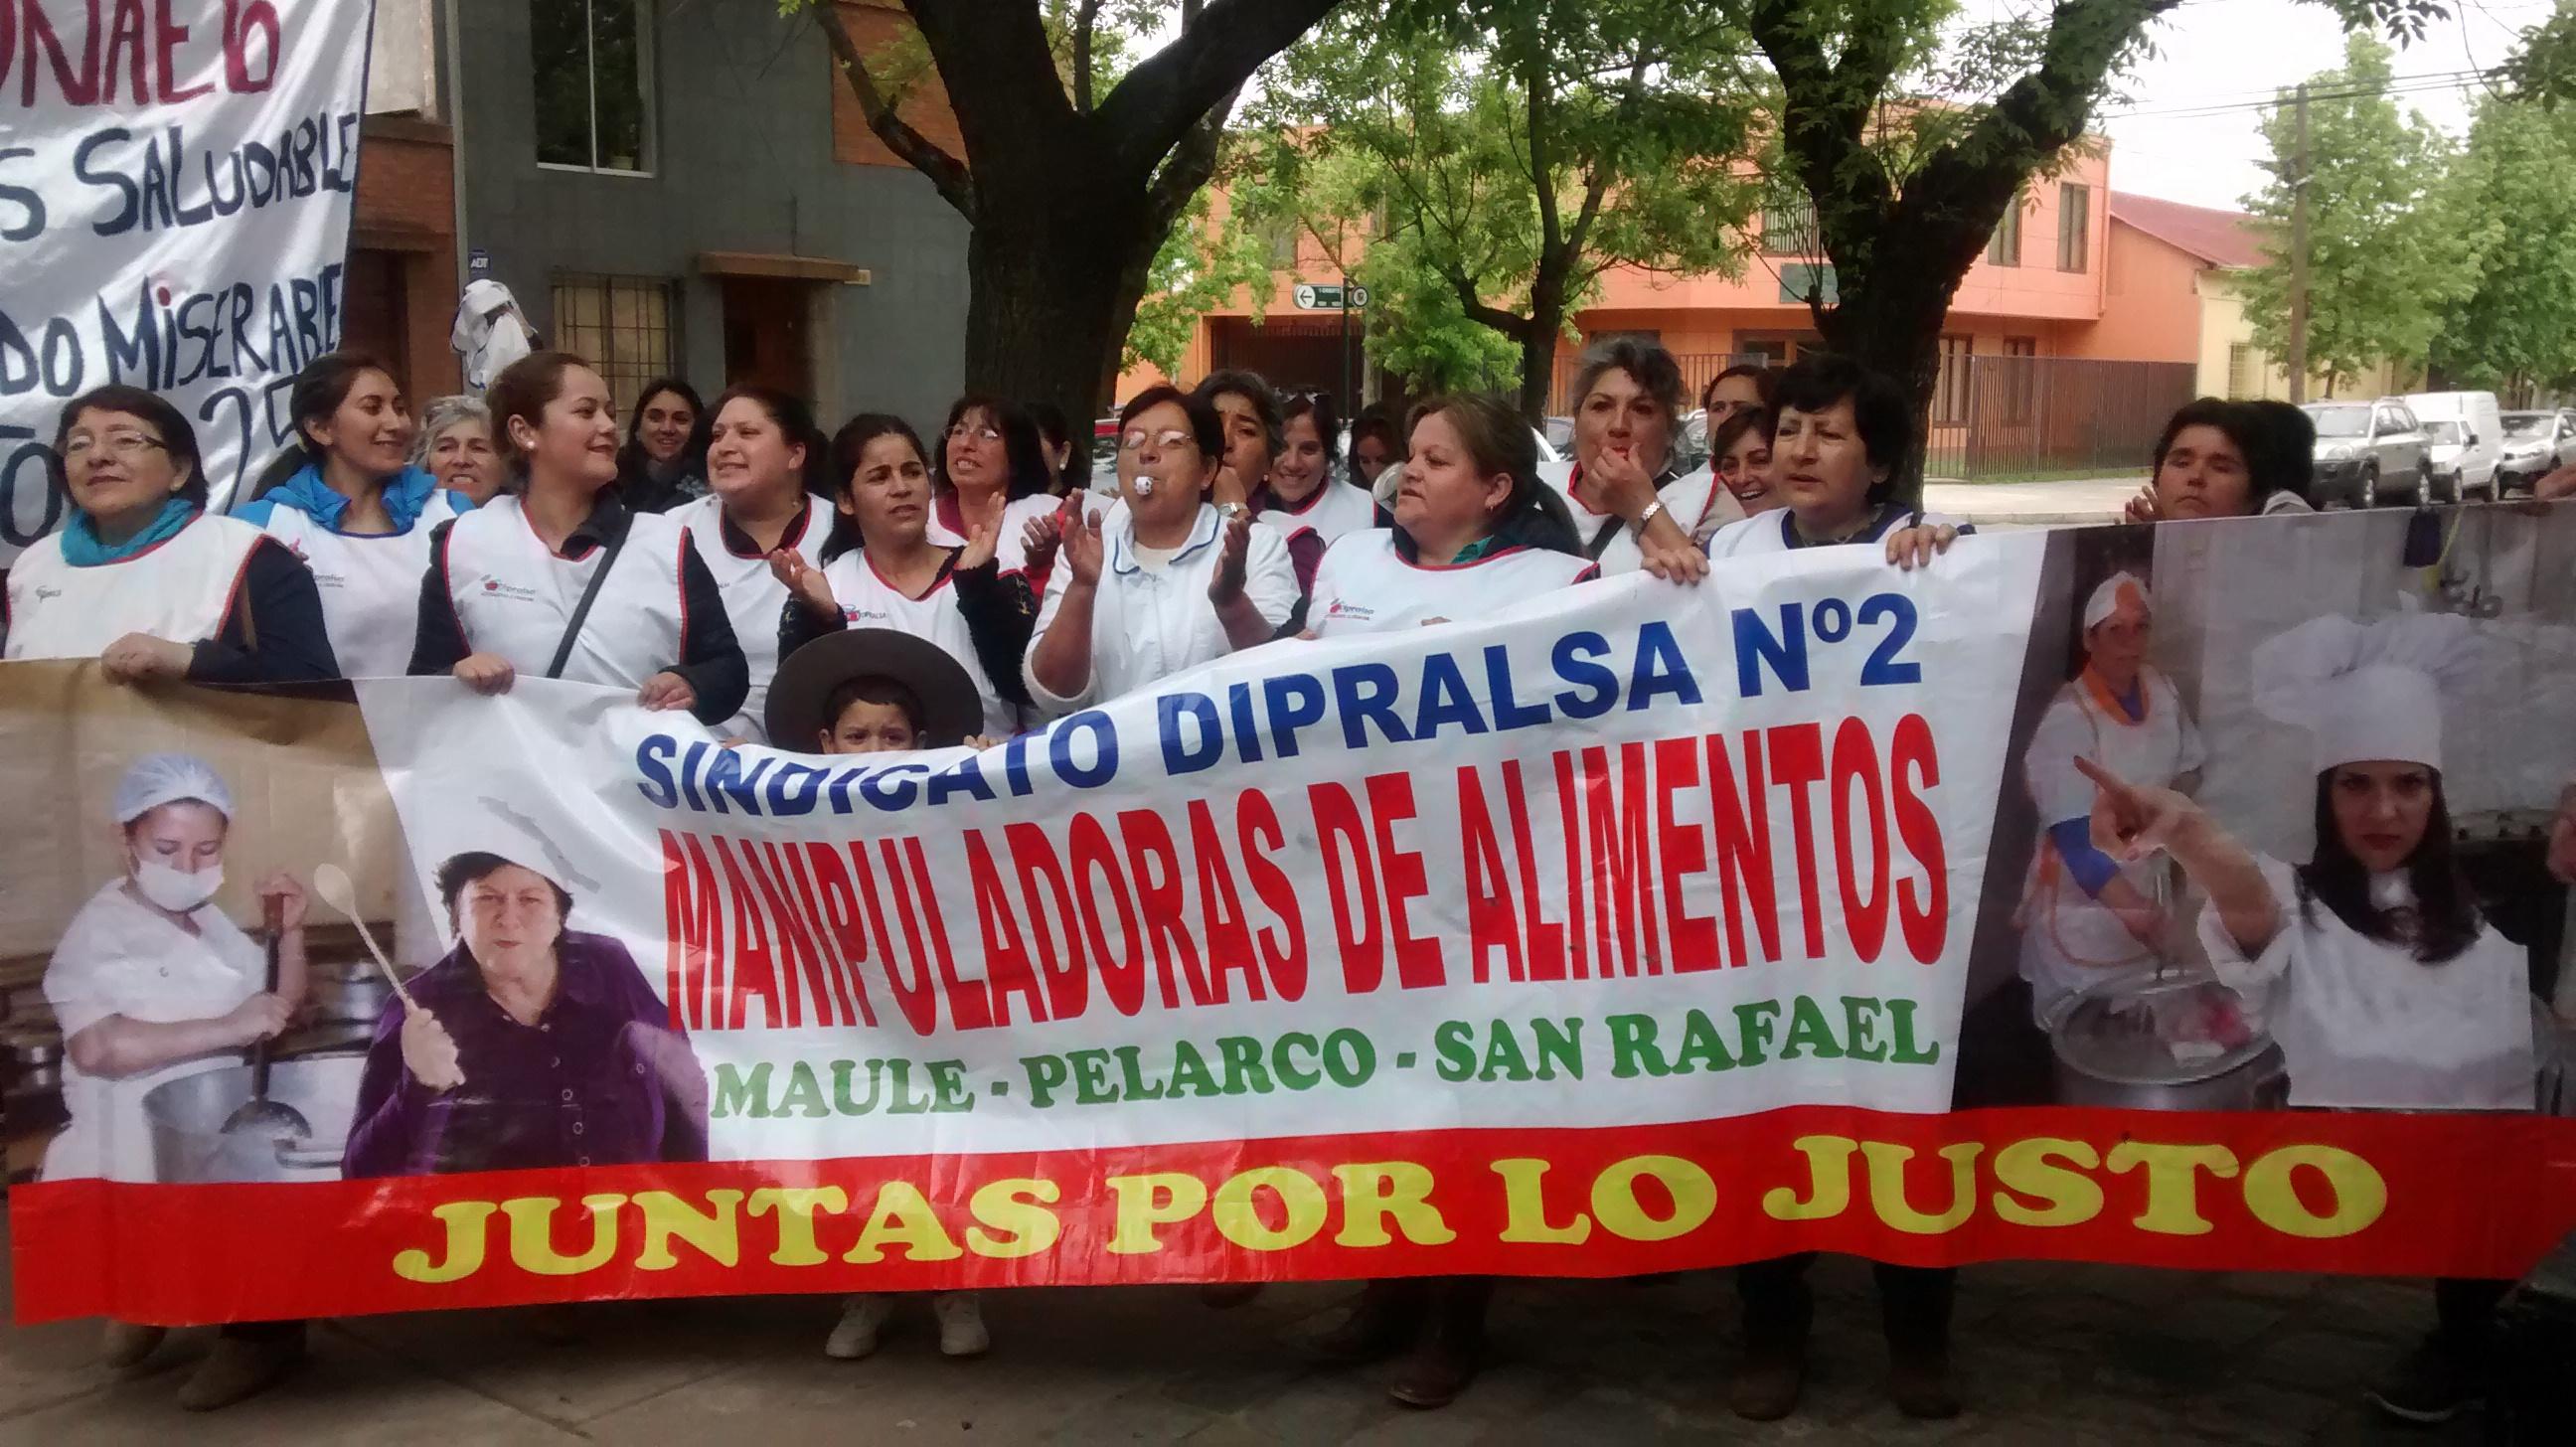 Manipuladoras de alimentos de Talca protestan por bajos sueldos